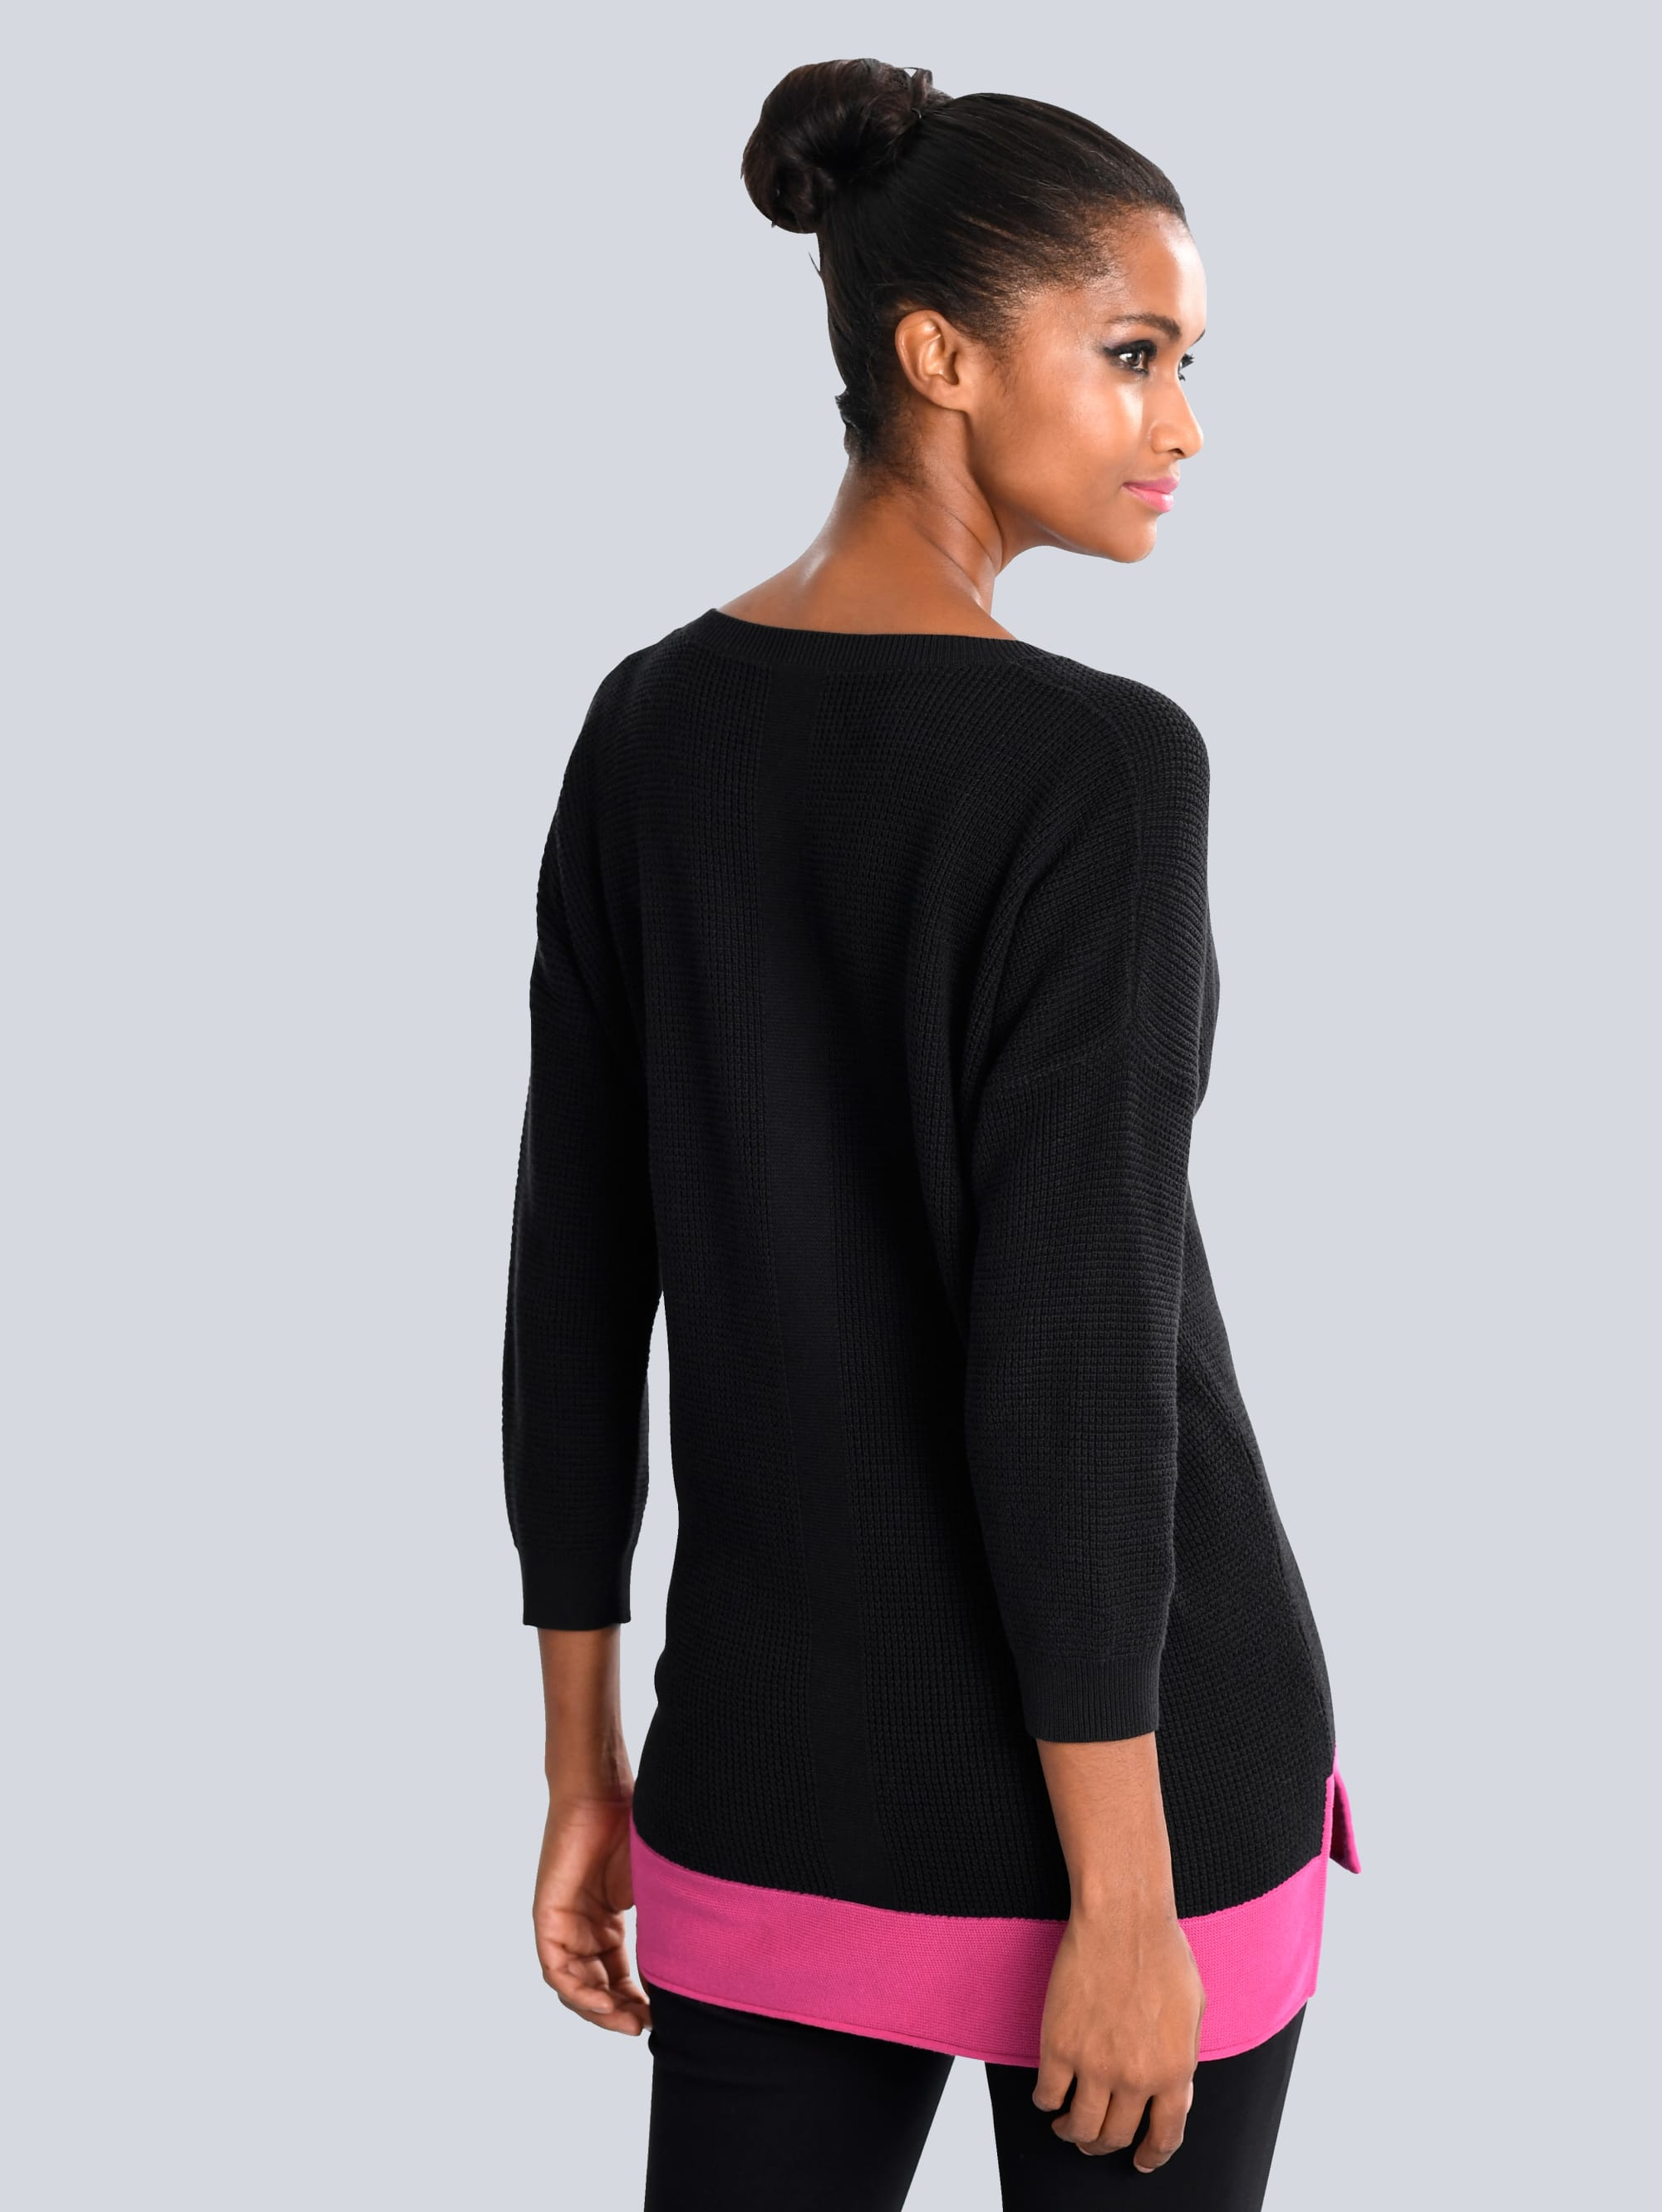 Alba Moda Pullover in Schwarz,Pink günstig kaufen